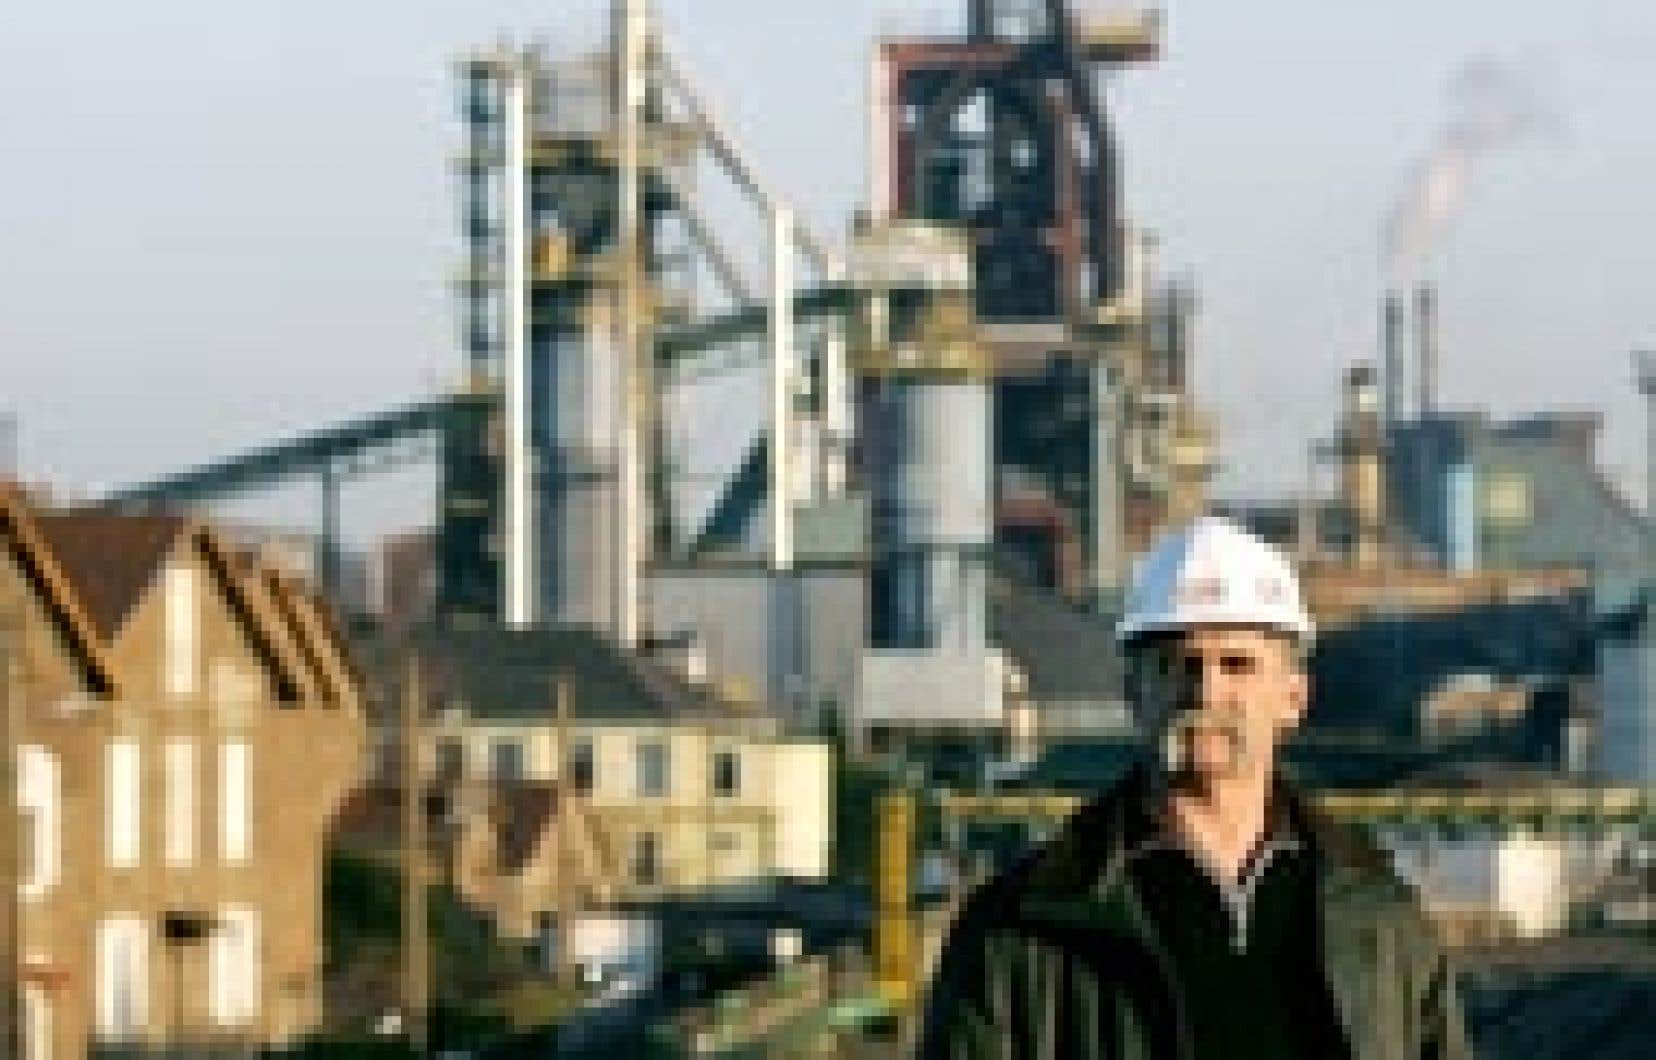 Un ouvrier pose devant les installations d'Arcelor dans l'est de la France. La sidérurgie a dû faire face récemment en Europe à une restructuration très coûteuse et douloureuse socialement.